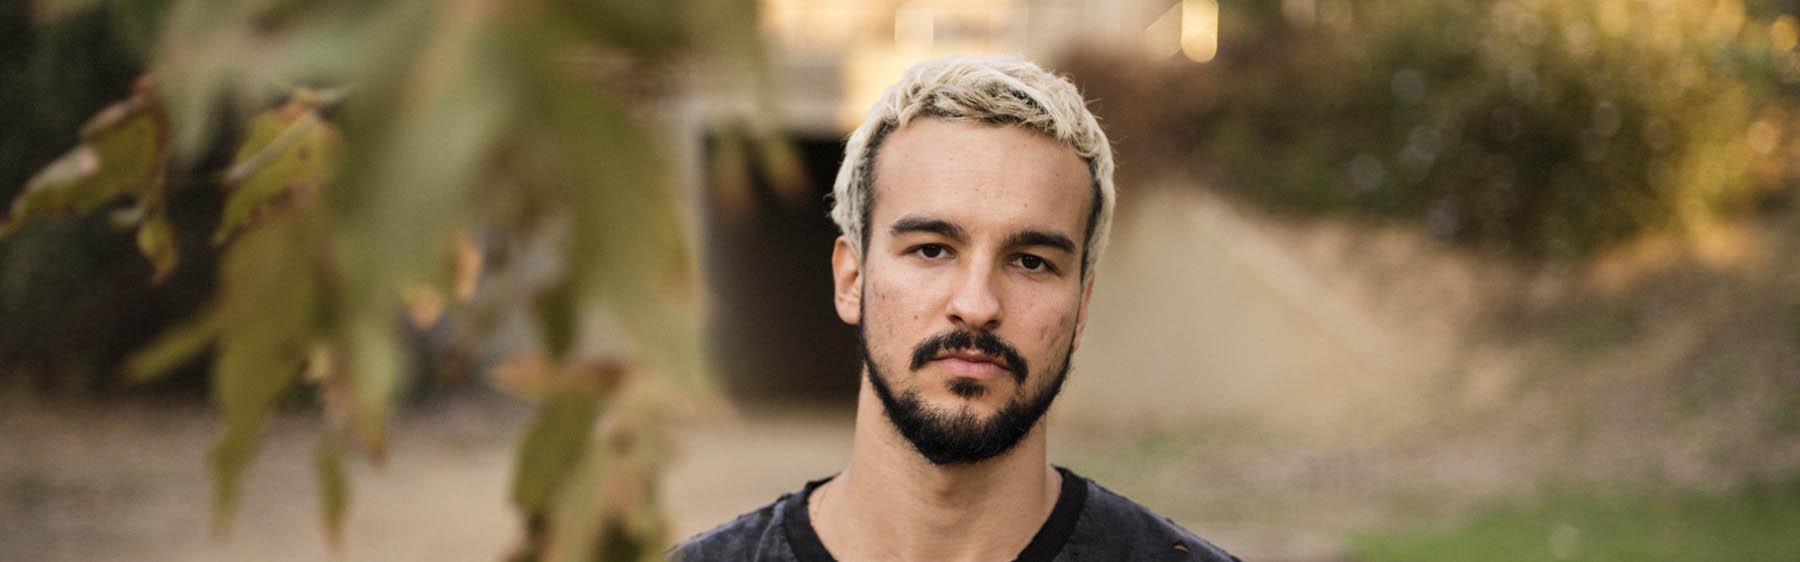 Gabriel Garzón-Montano